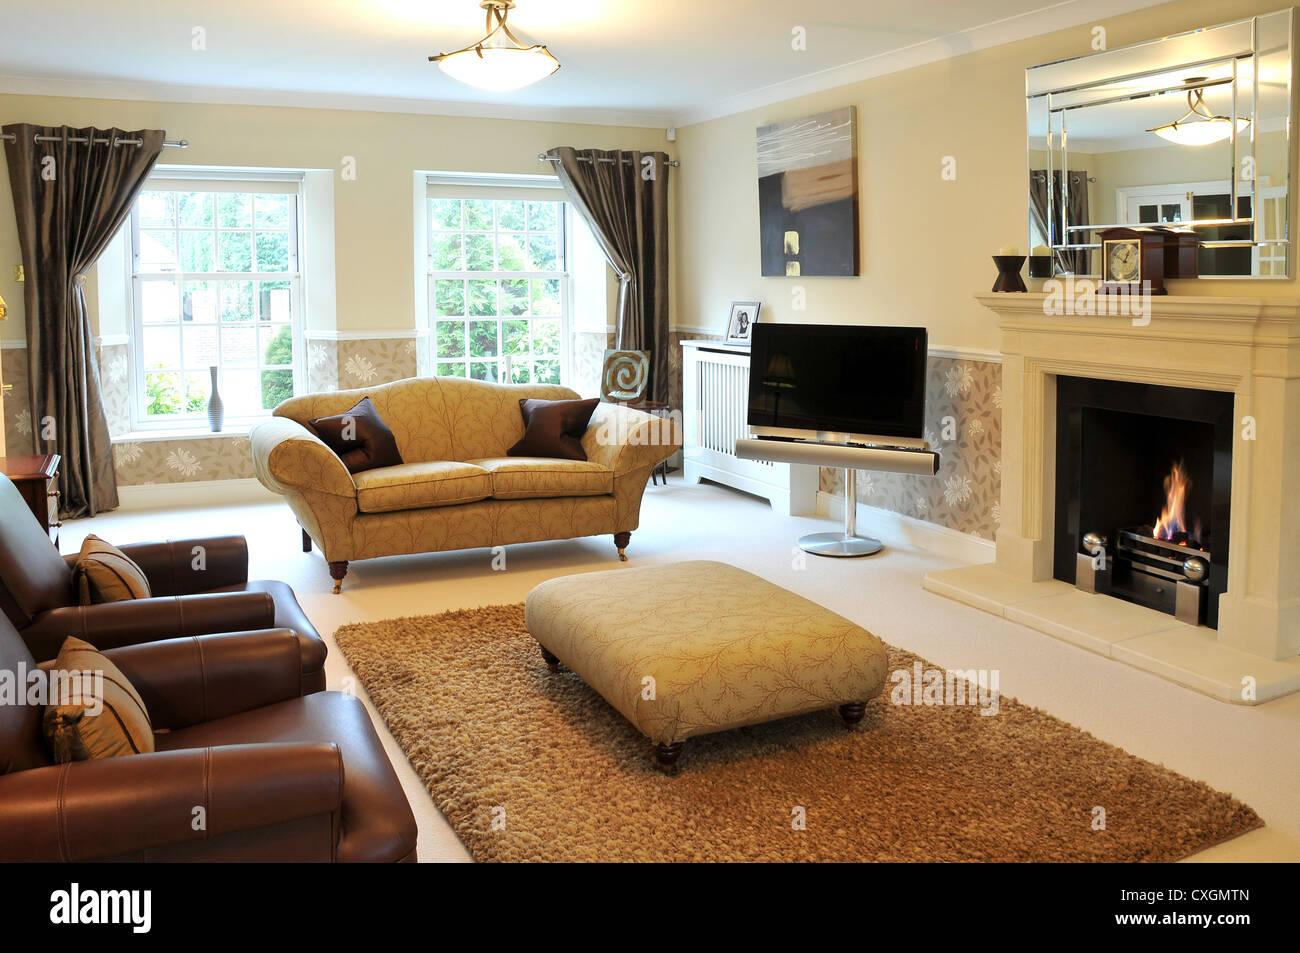 Posizione Divano E Tv il design interno di salotto di una casa di lusso con divani